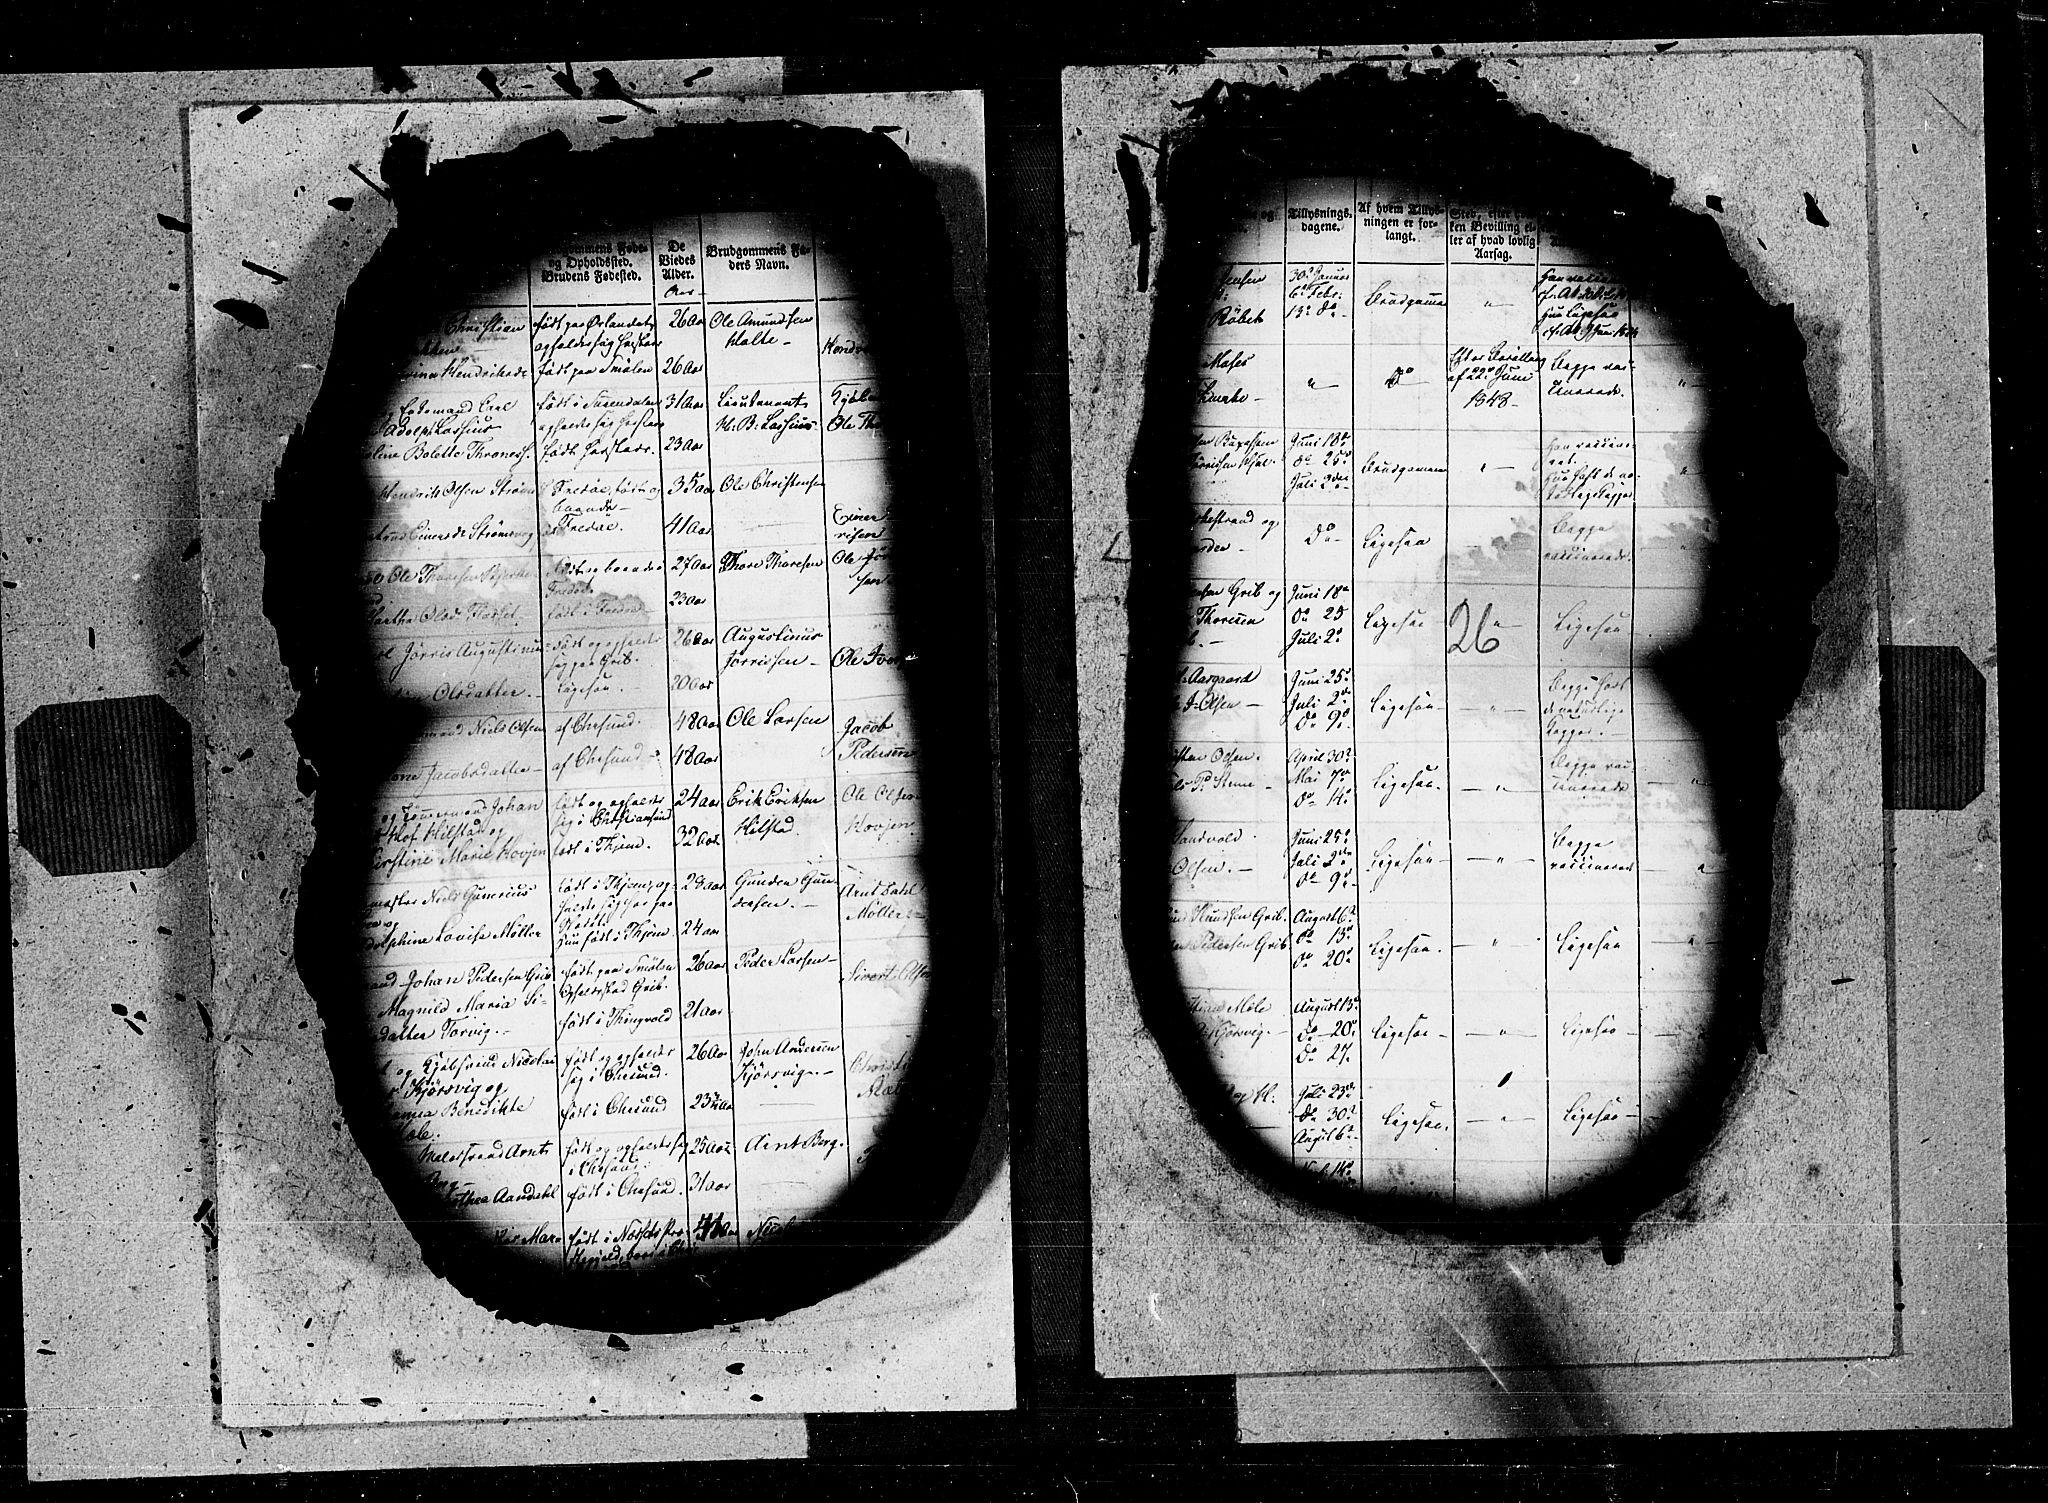 SAT, Ministerialprotokoller, klokkerbøker og fødselsregistre - Møre og Romsdal, 572/L0844: Ministerialbok nr. 572A07, 1842-1855, s. 26